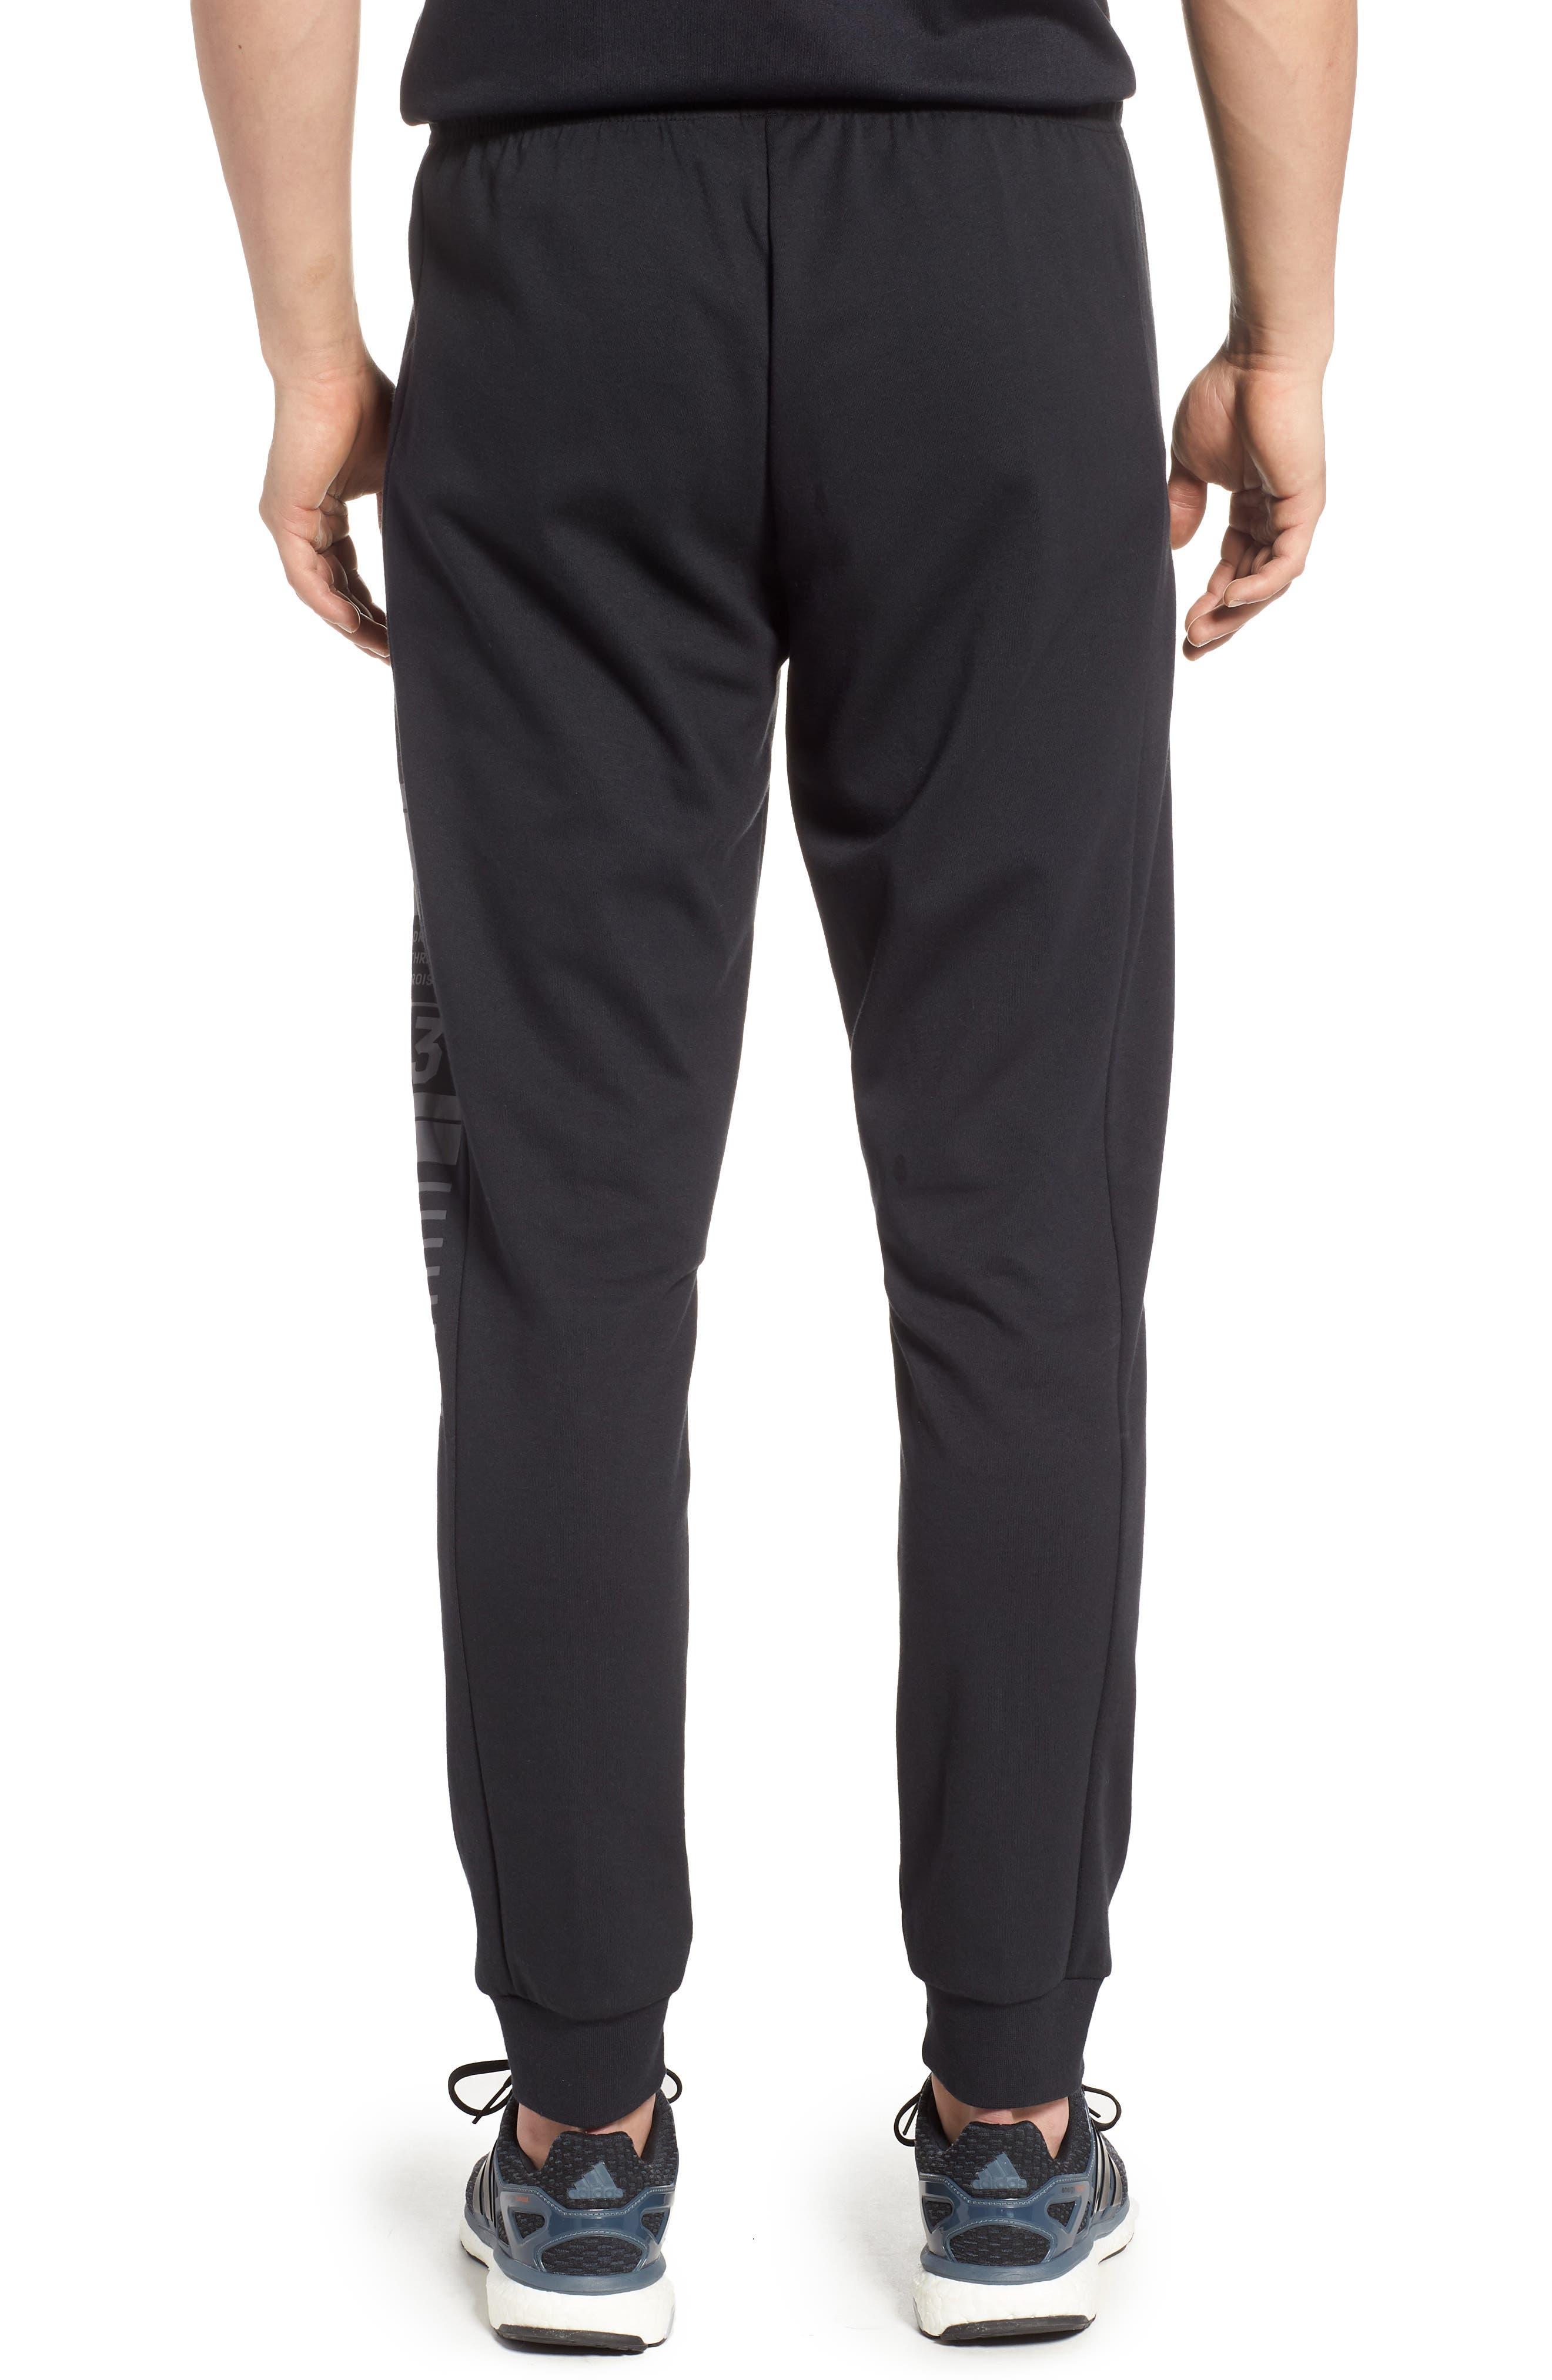 3-Stripes Track Pants,                             Alternate thumbnail 2, color,                             BLACK